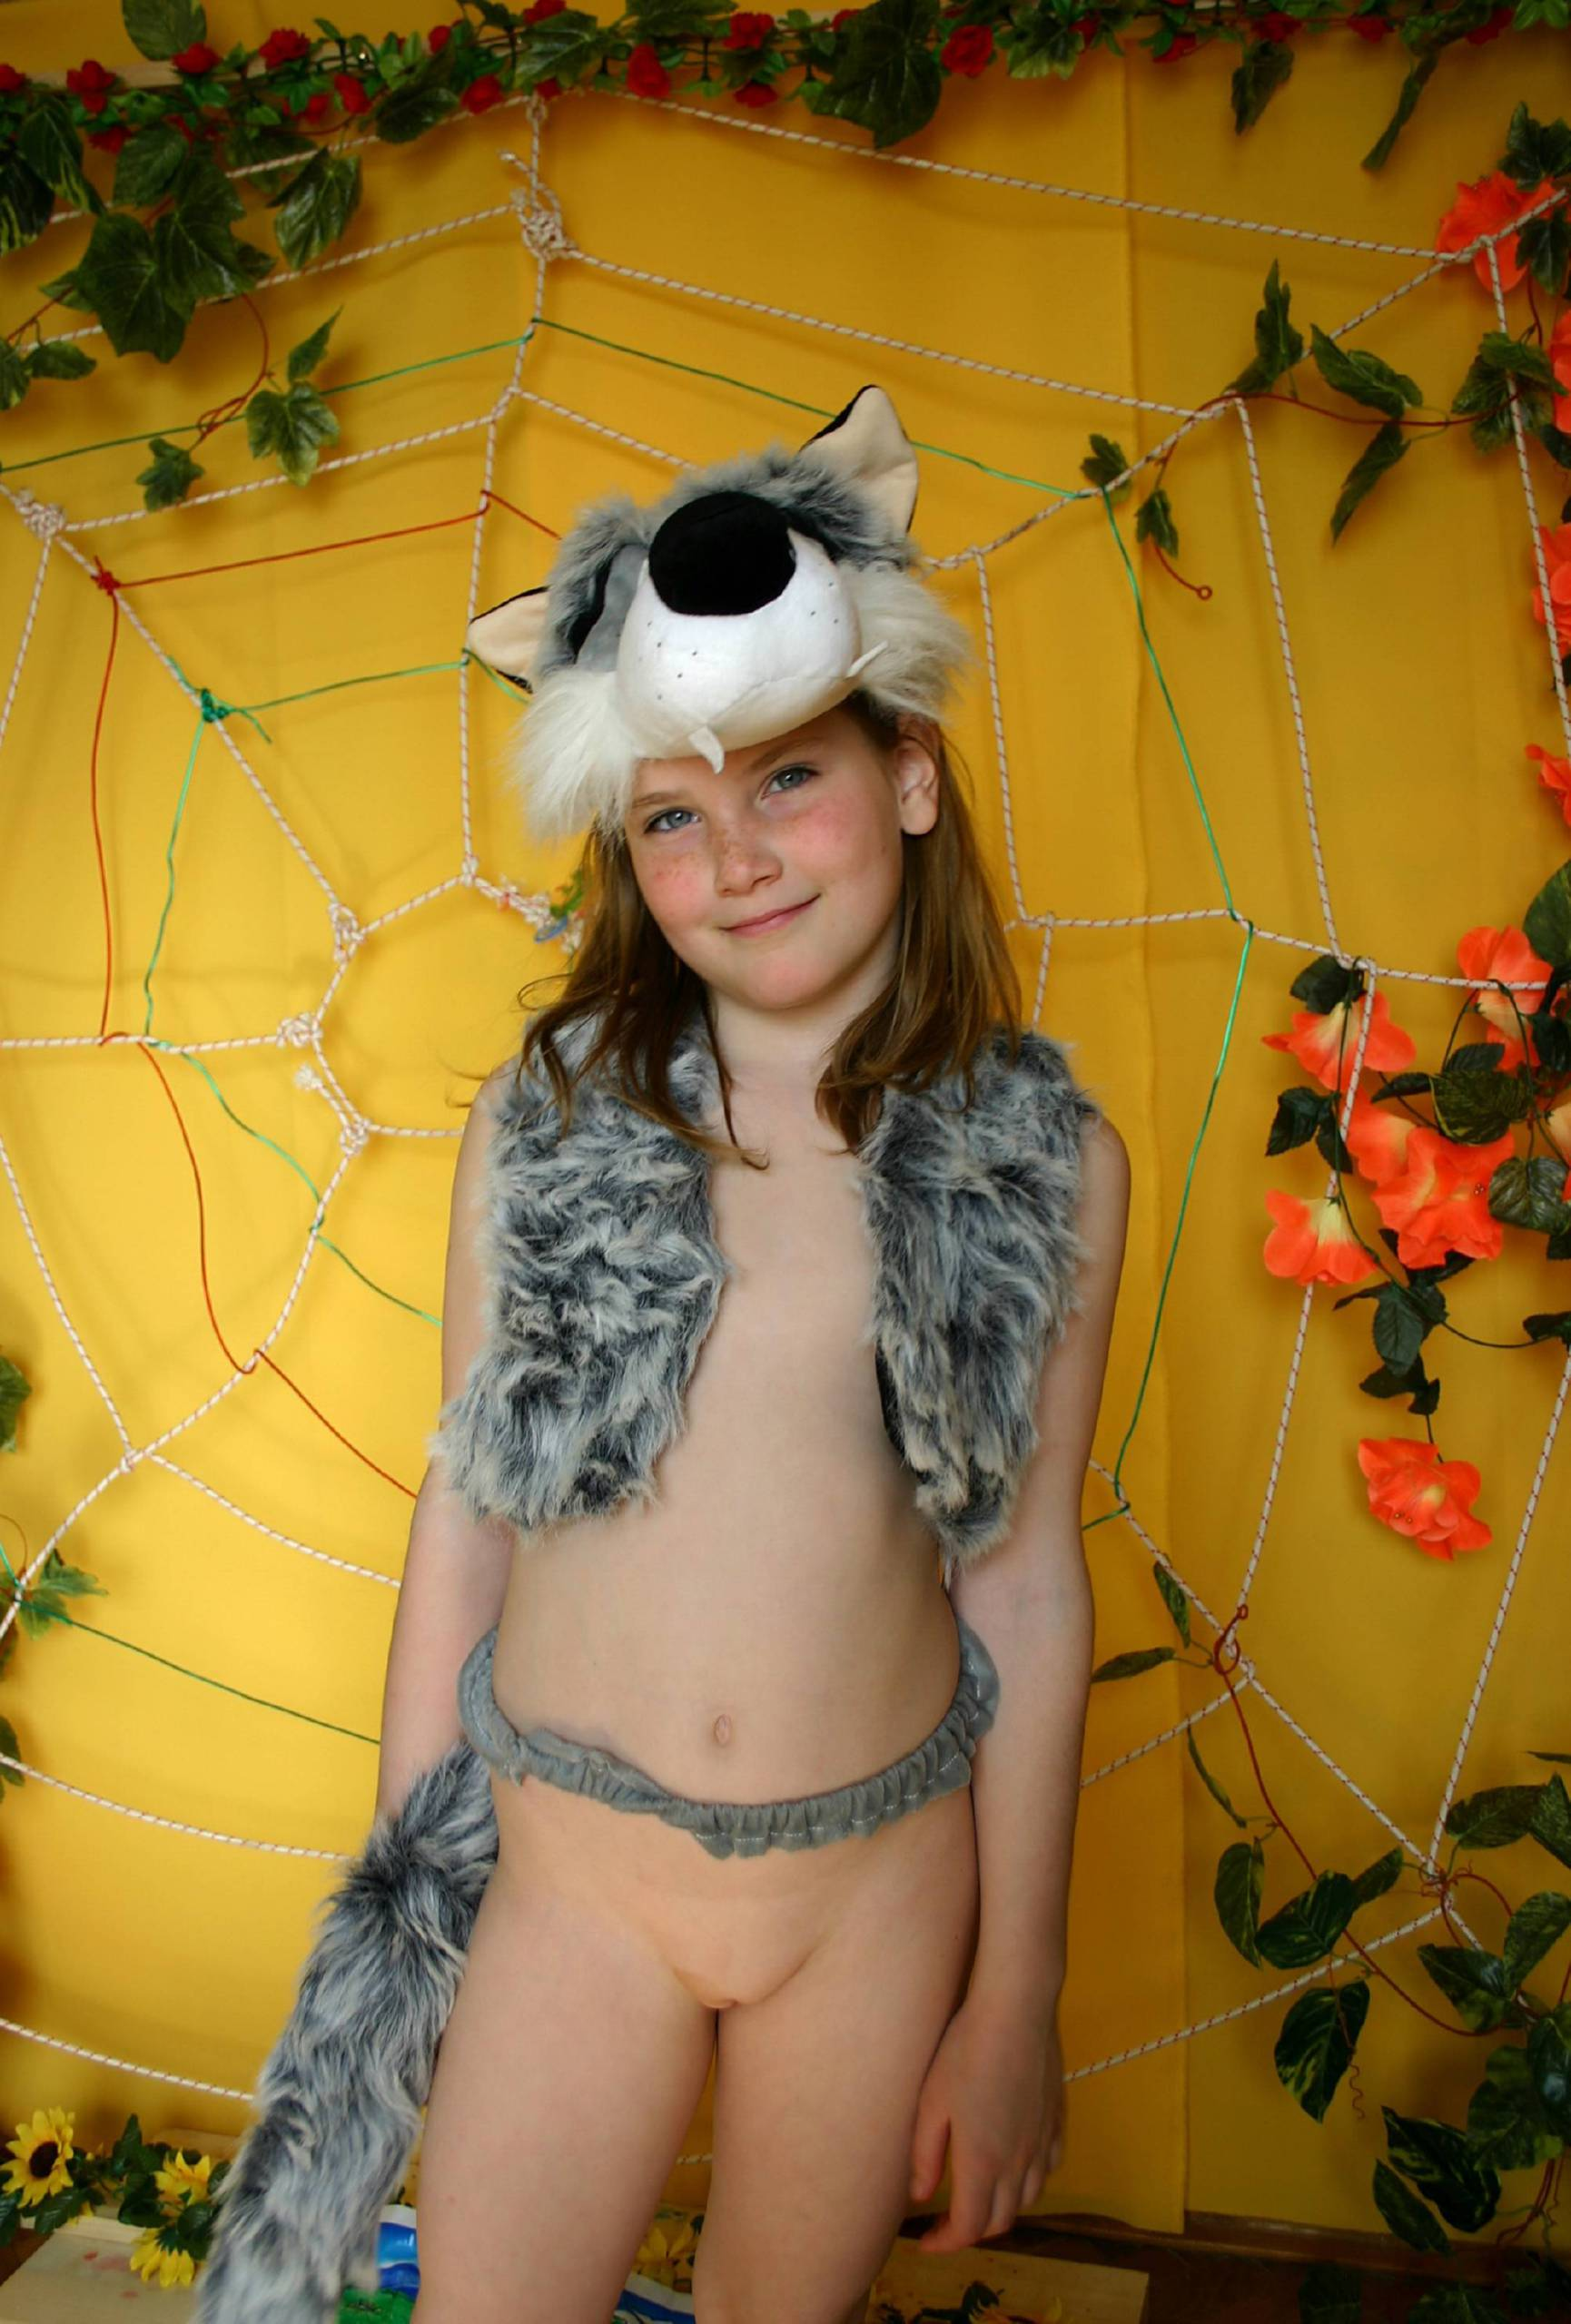 Nudist and Woolf Costume - 2